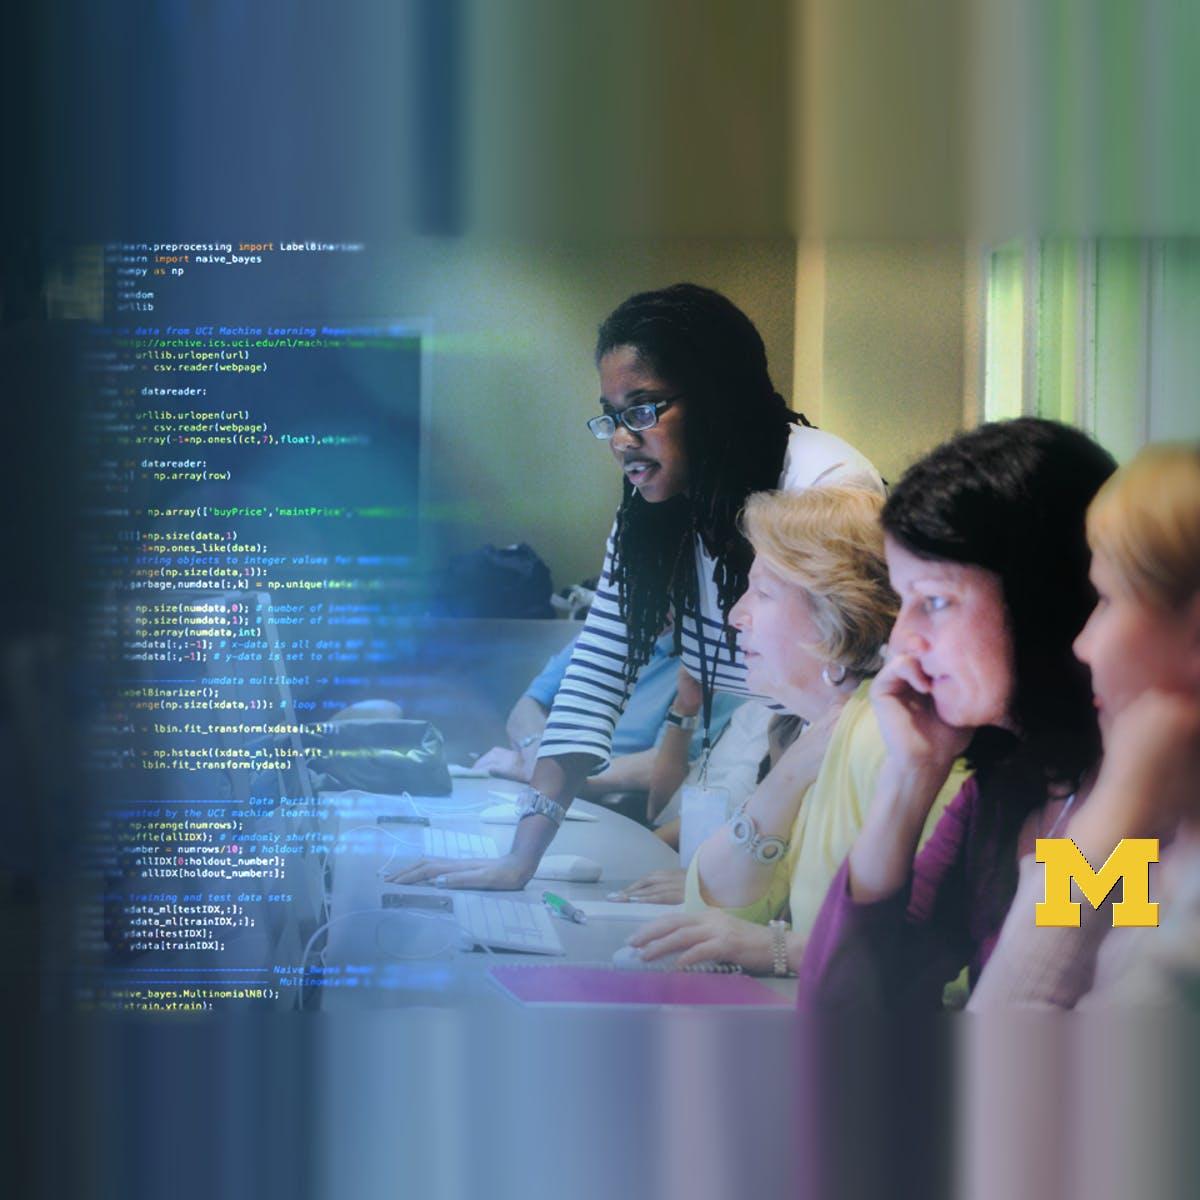 Proyecto: Recuperar, Procesar, y Visualizar Datos con Python